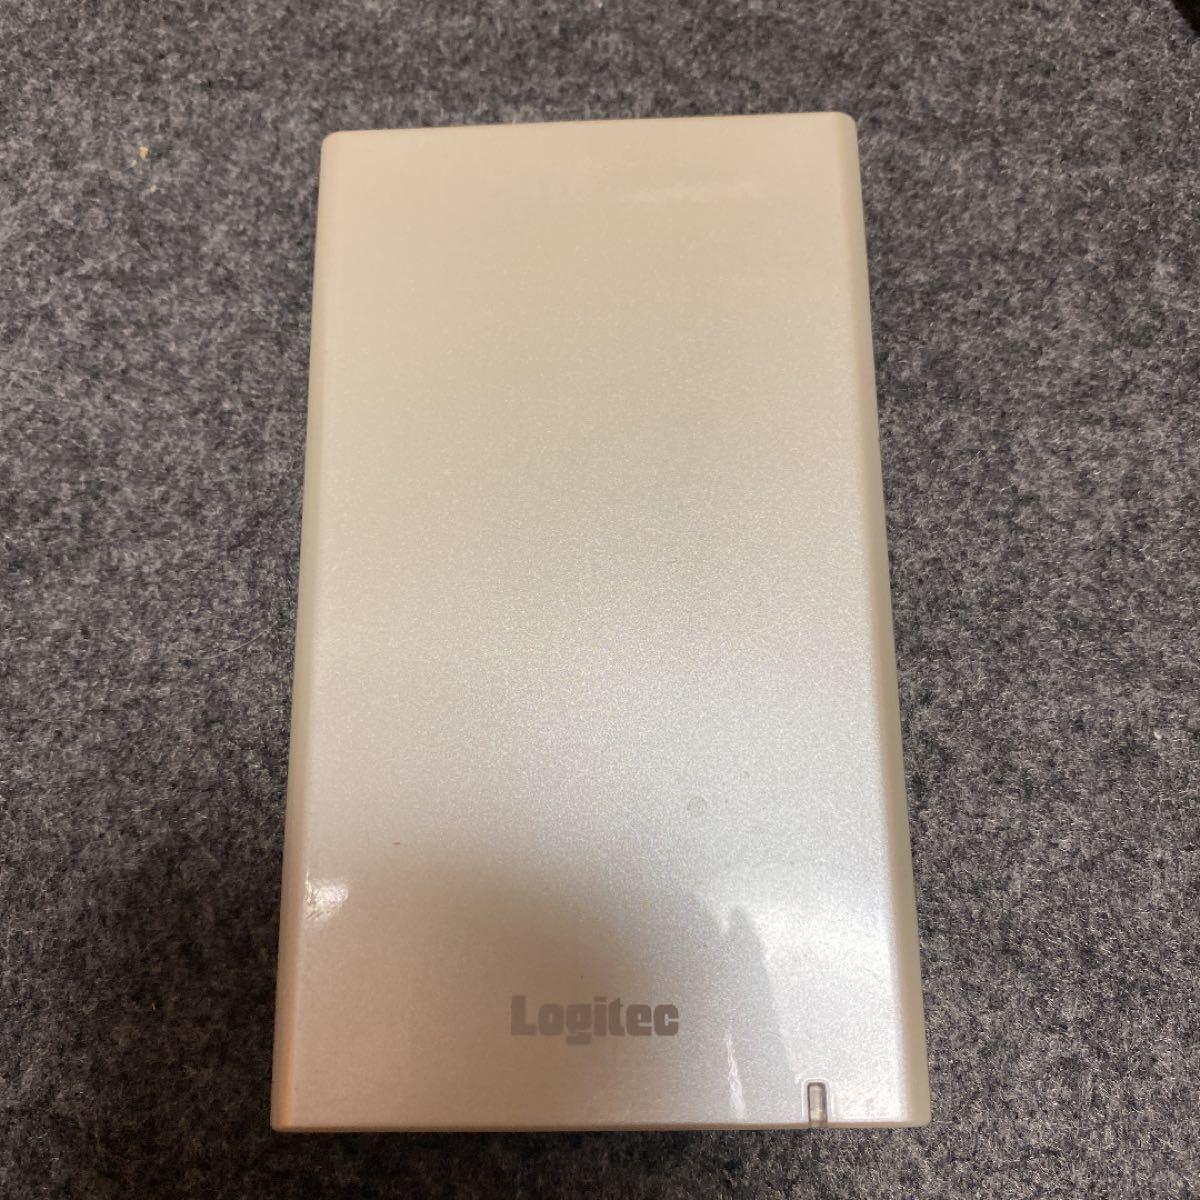 Logitec ルーター 外付けハードディスク ポータブル ポータブルHDD TOSHIBA BUFFALO USB3.0 東芝